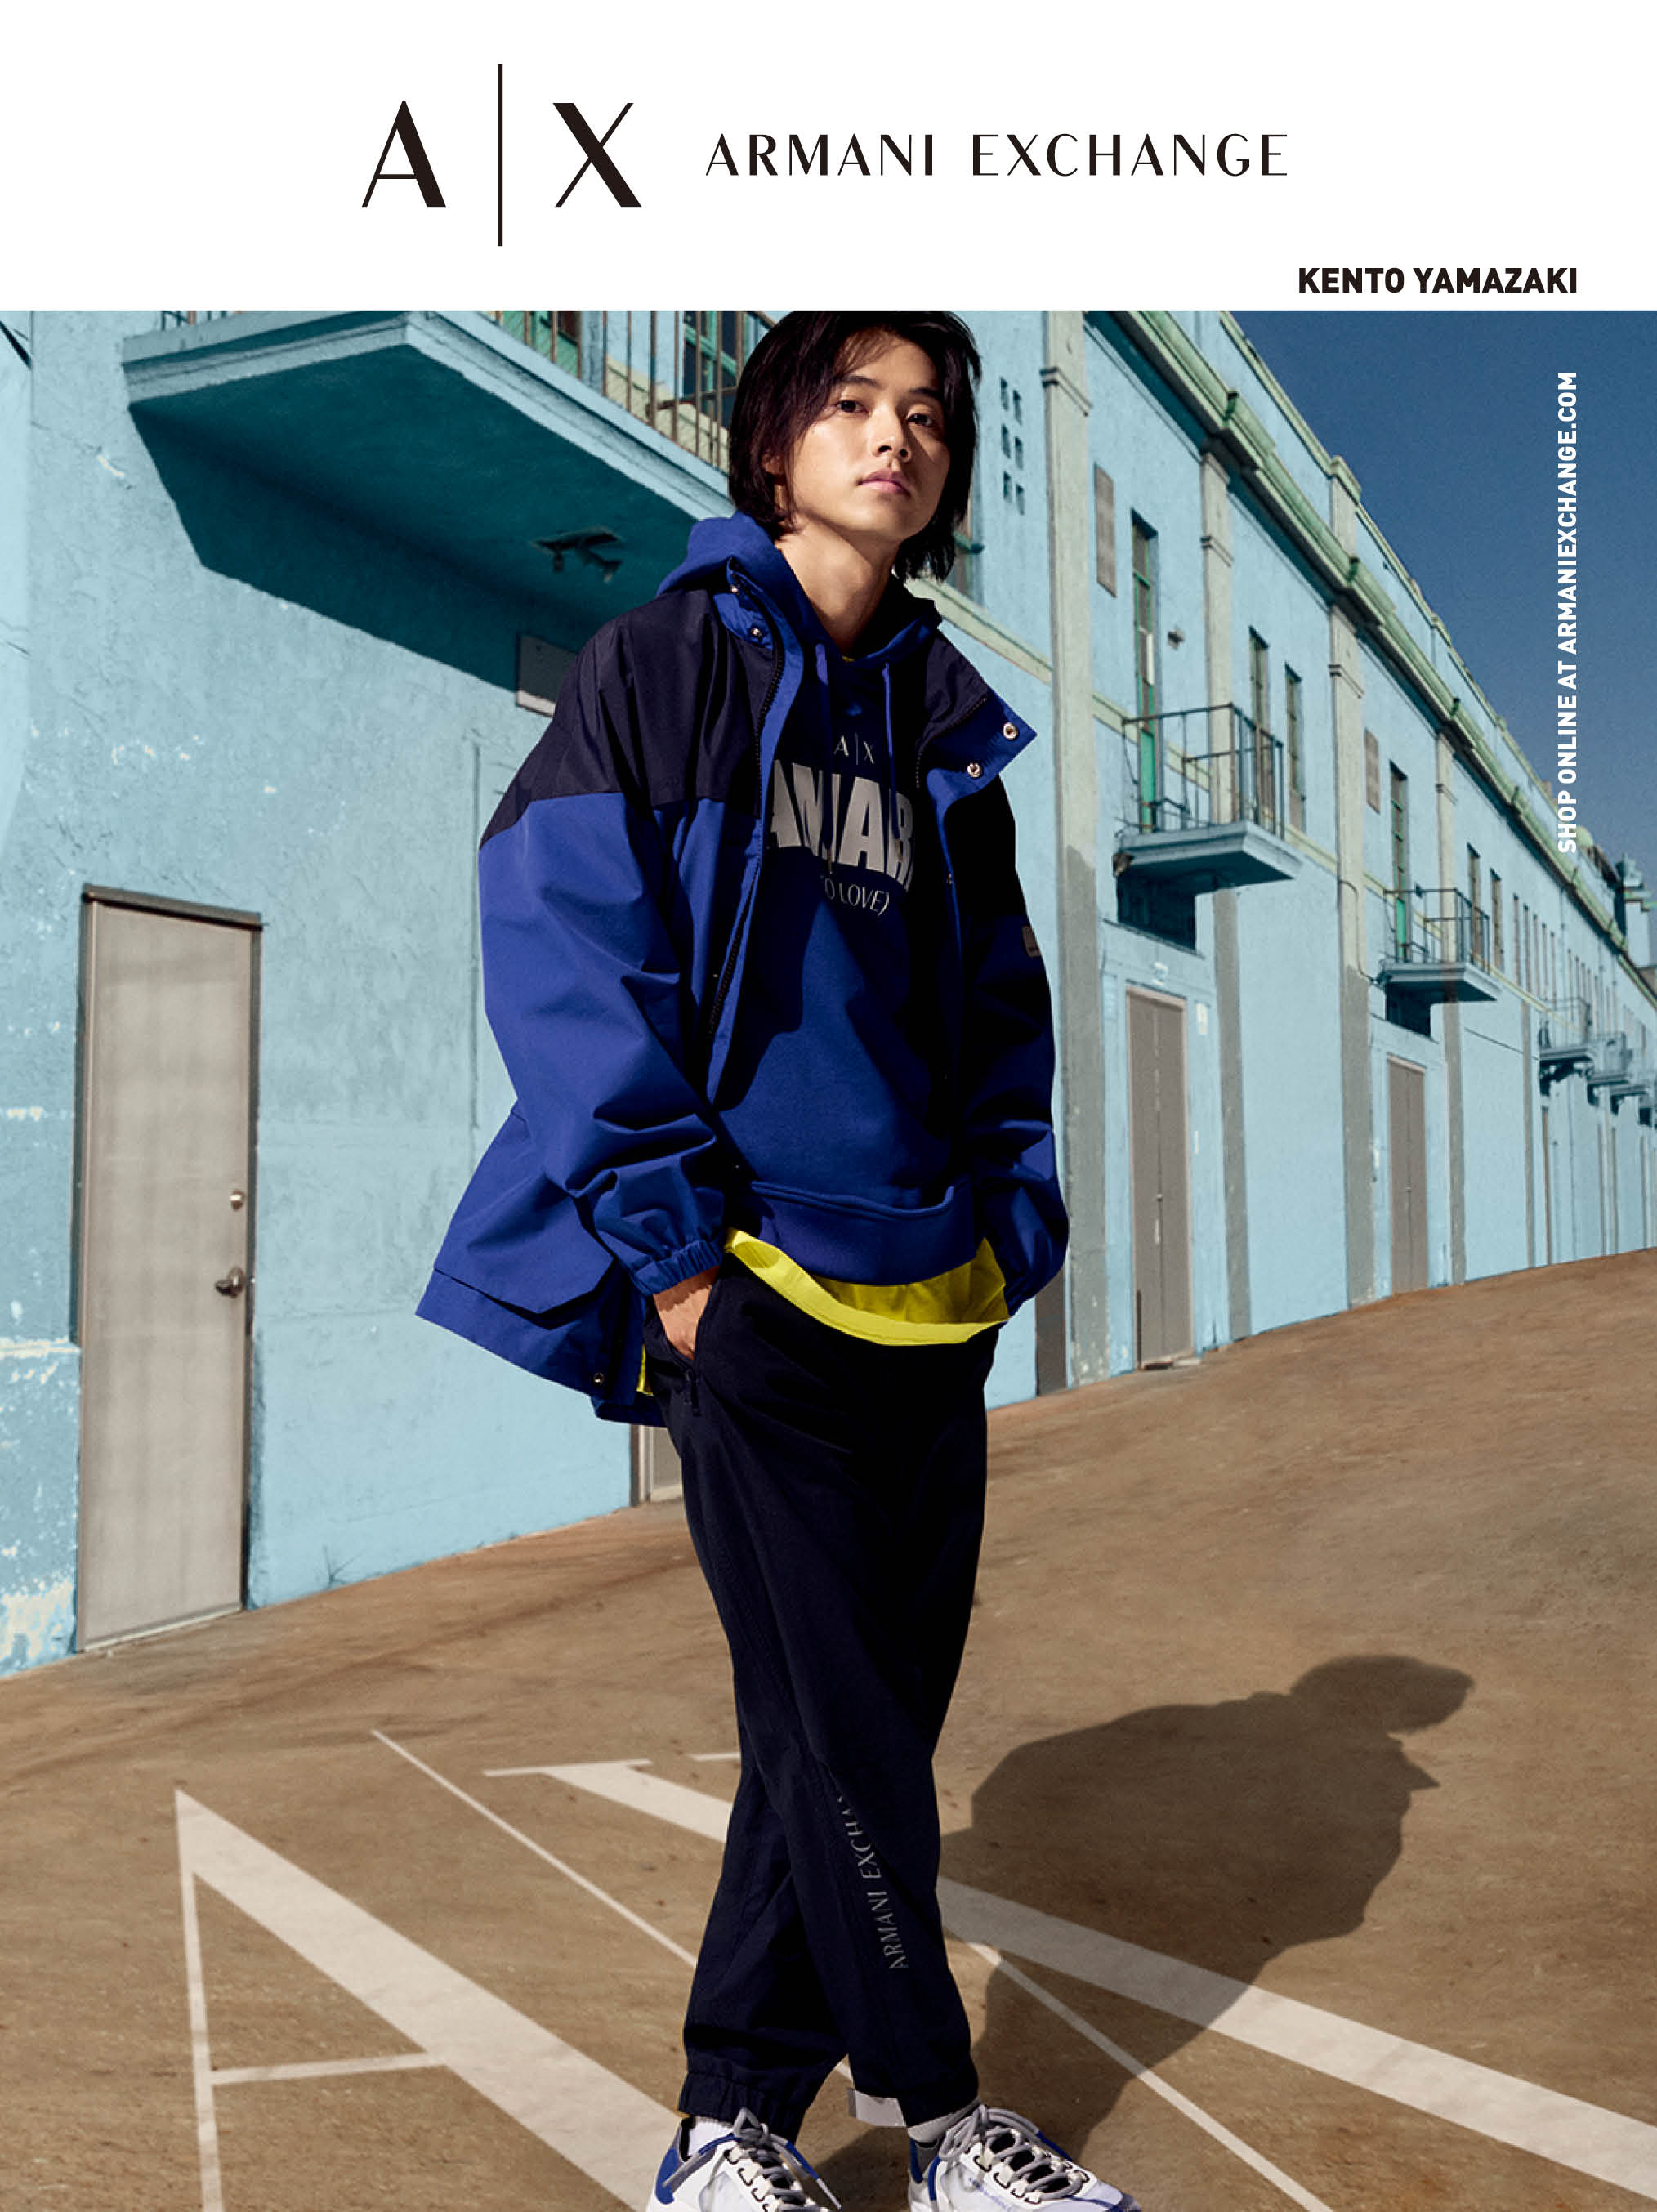 【速報】山﨑賢人さん最新ビジュアル公開♡ 『A|X アルマーニ エクスチェンジ』の夏はスポーティに_4